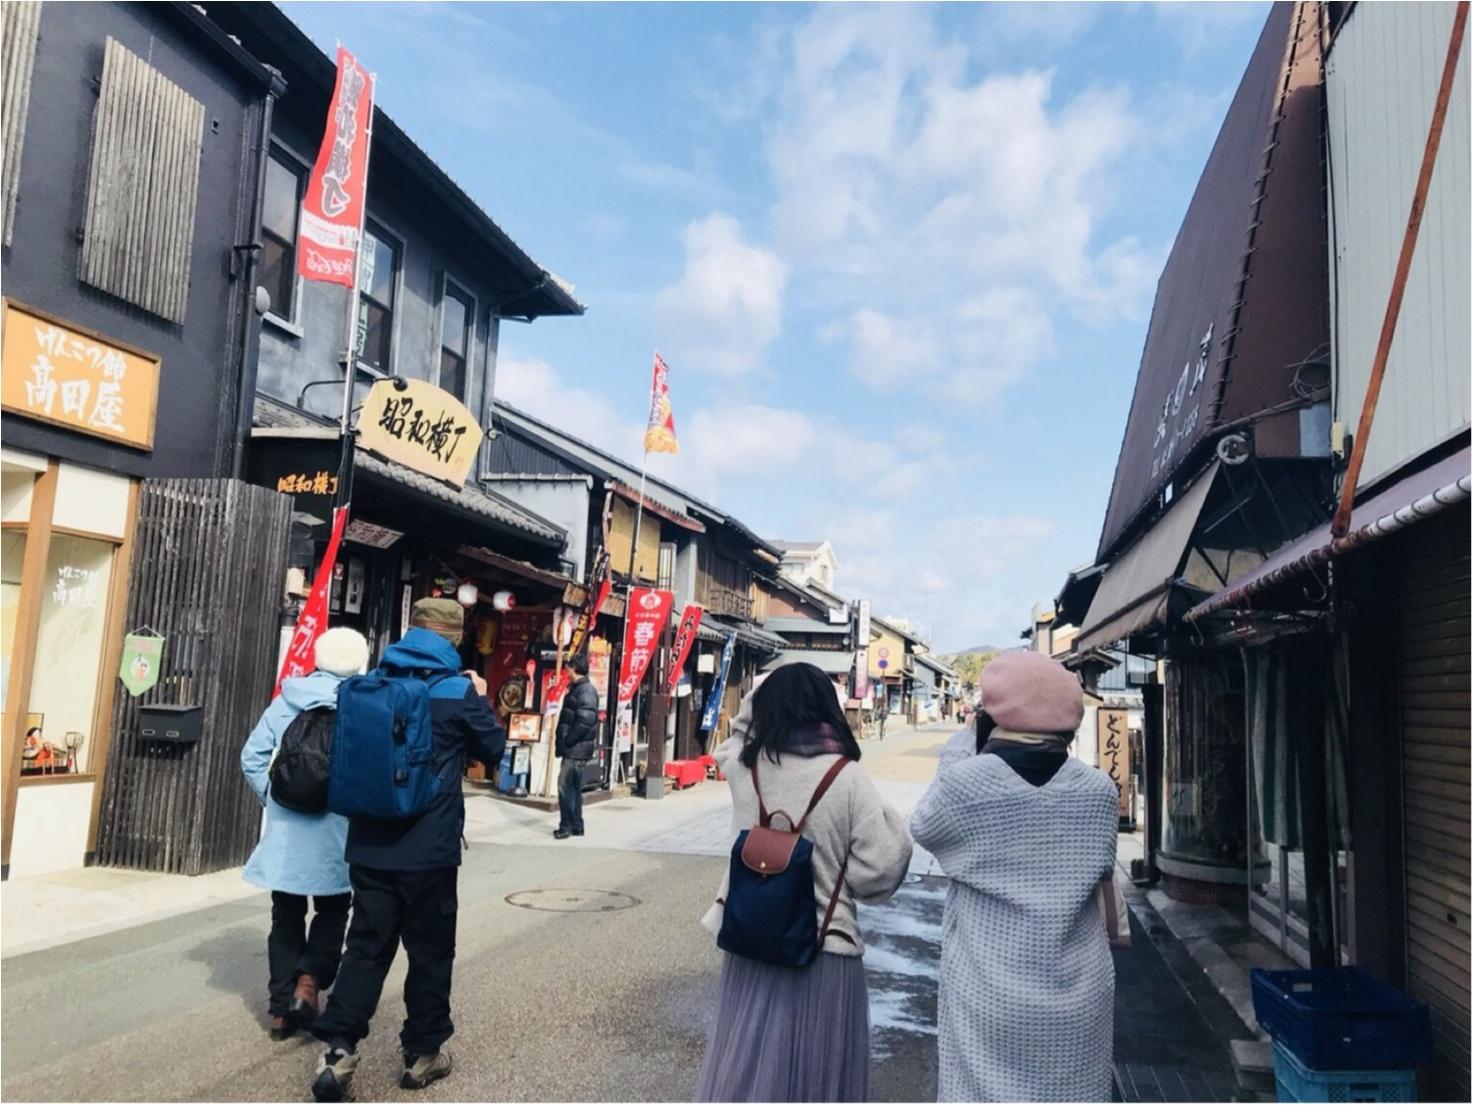 三光稲荷神社に行くなら!犬山城周辺オススメグルメスポットはココ♡_1